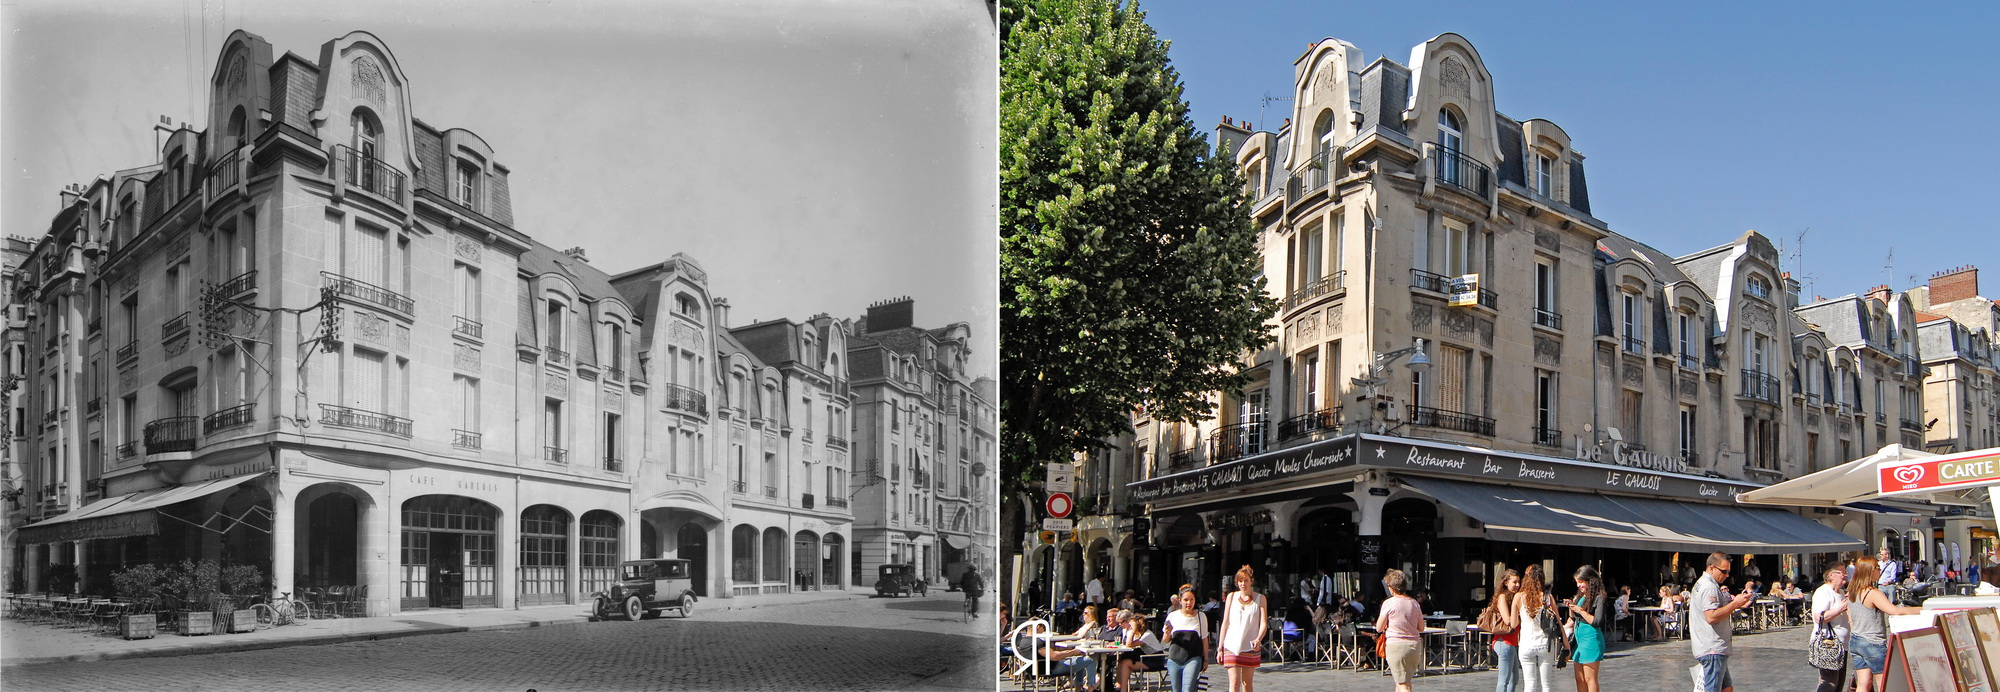 Le Gaulois, angle de la place d'Erlon et de la rue Condorcet